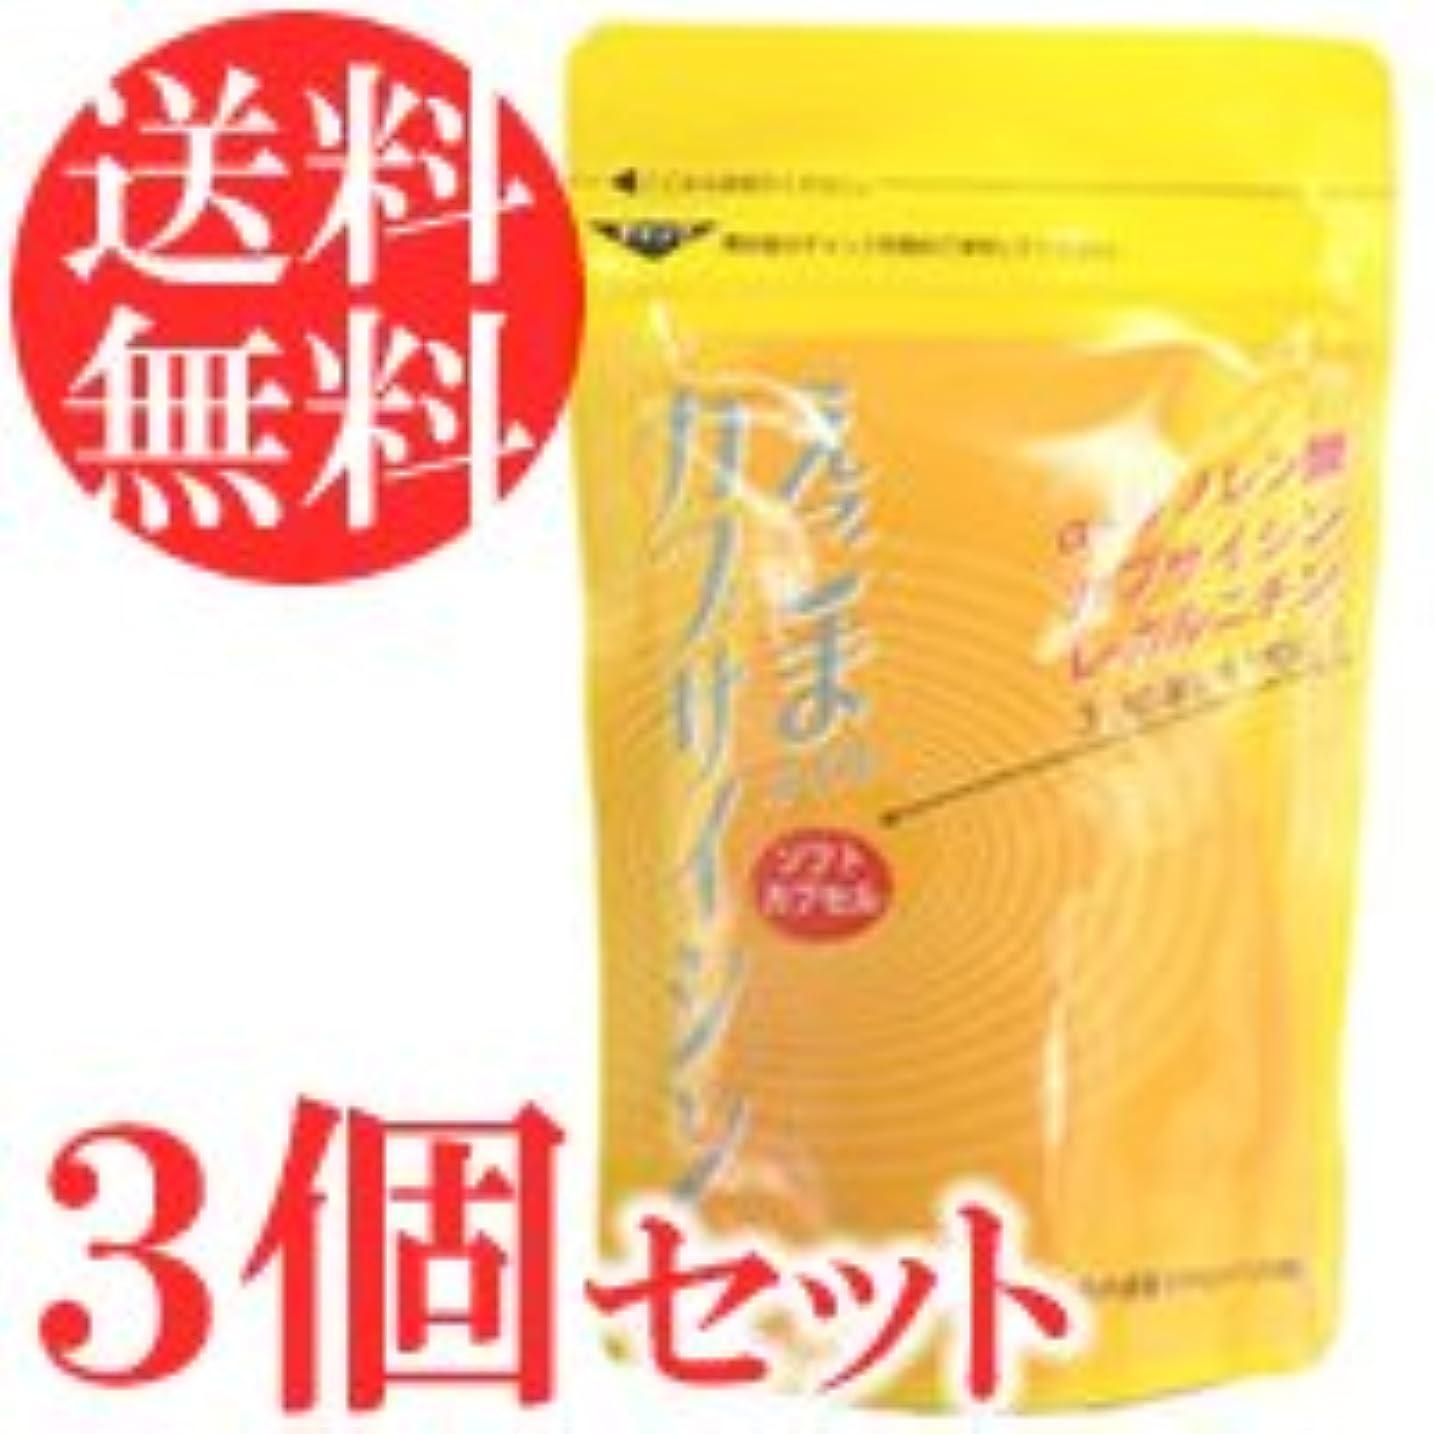 憂鬱な土砂降りわかるえごまオイル カプサイシン 120粒×3袋セット(ソフトカプセル)